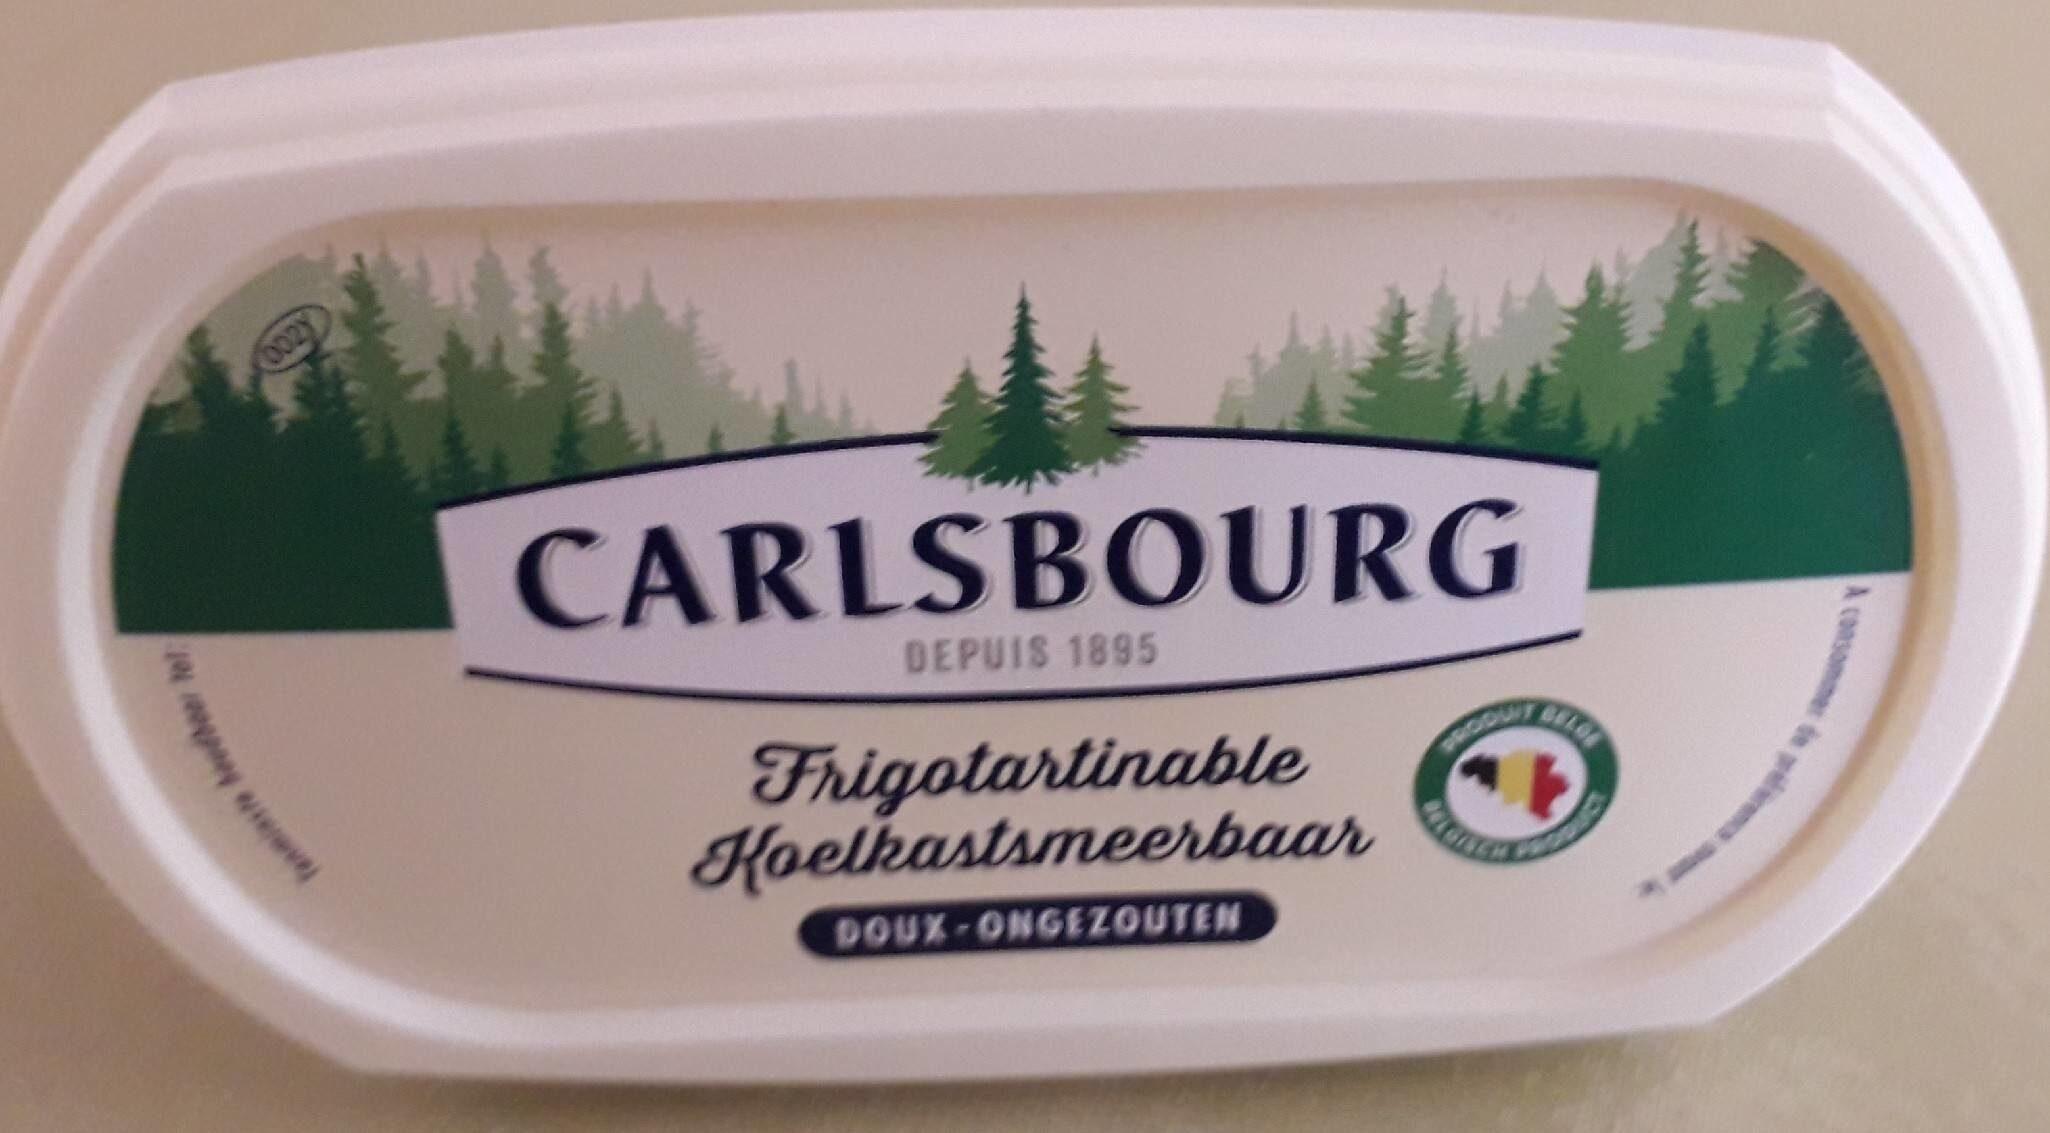 Charlesbourg frigotartinable - Product - fr